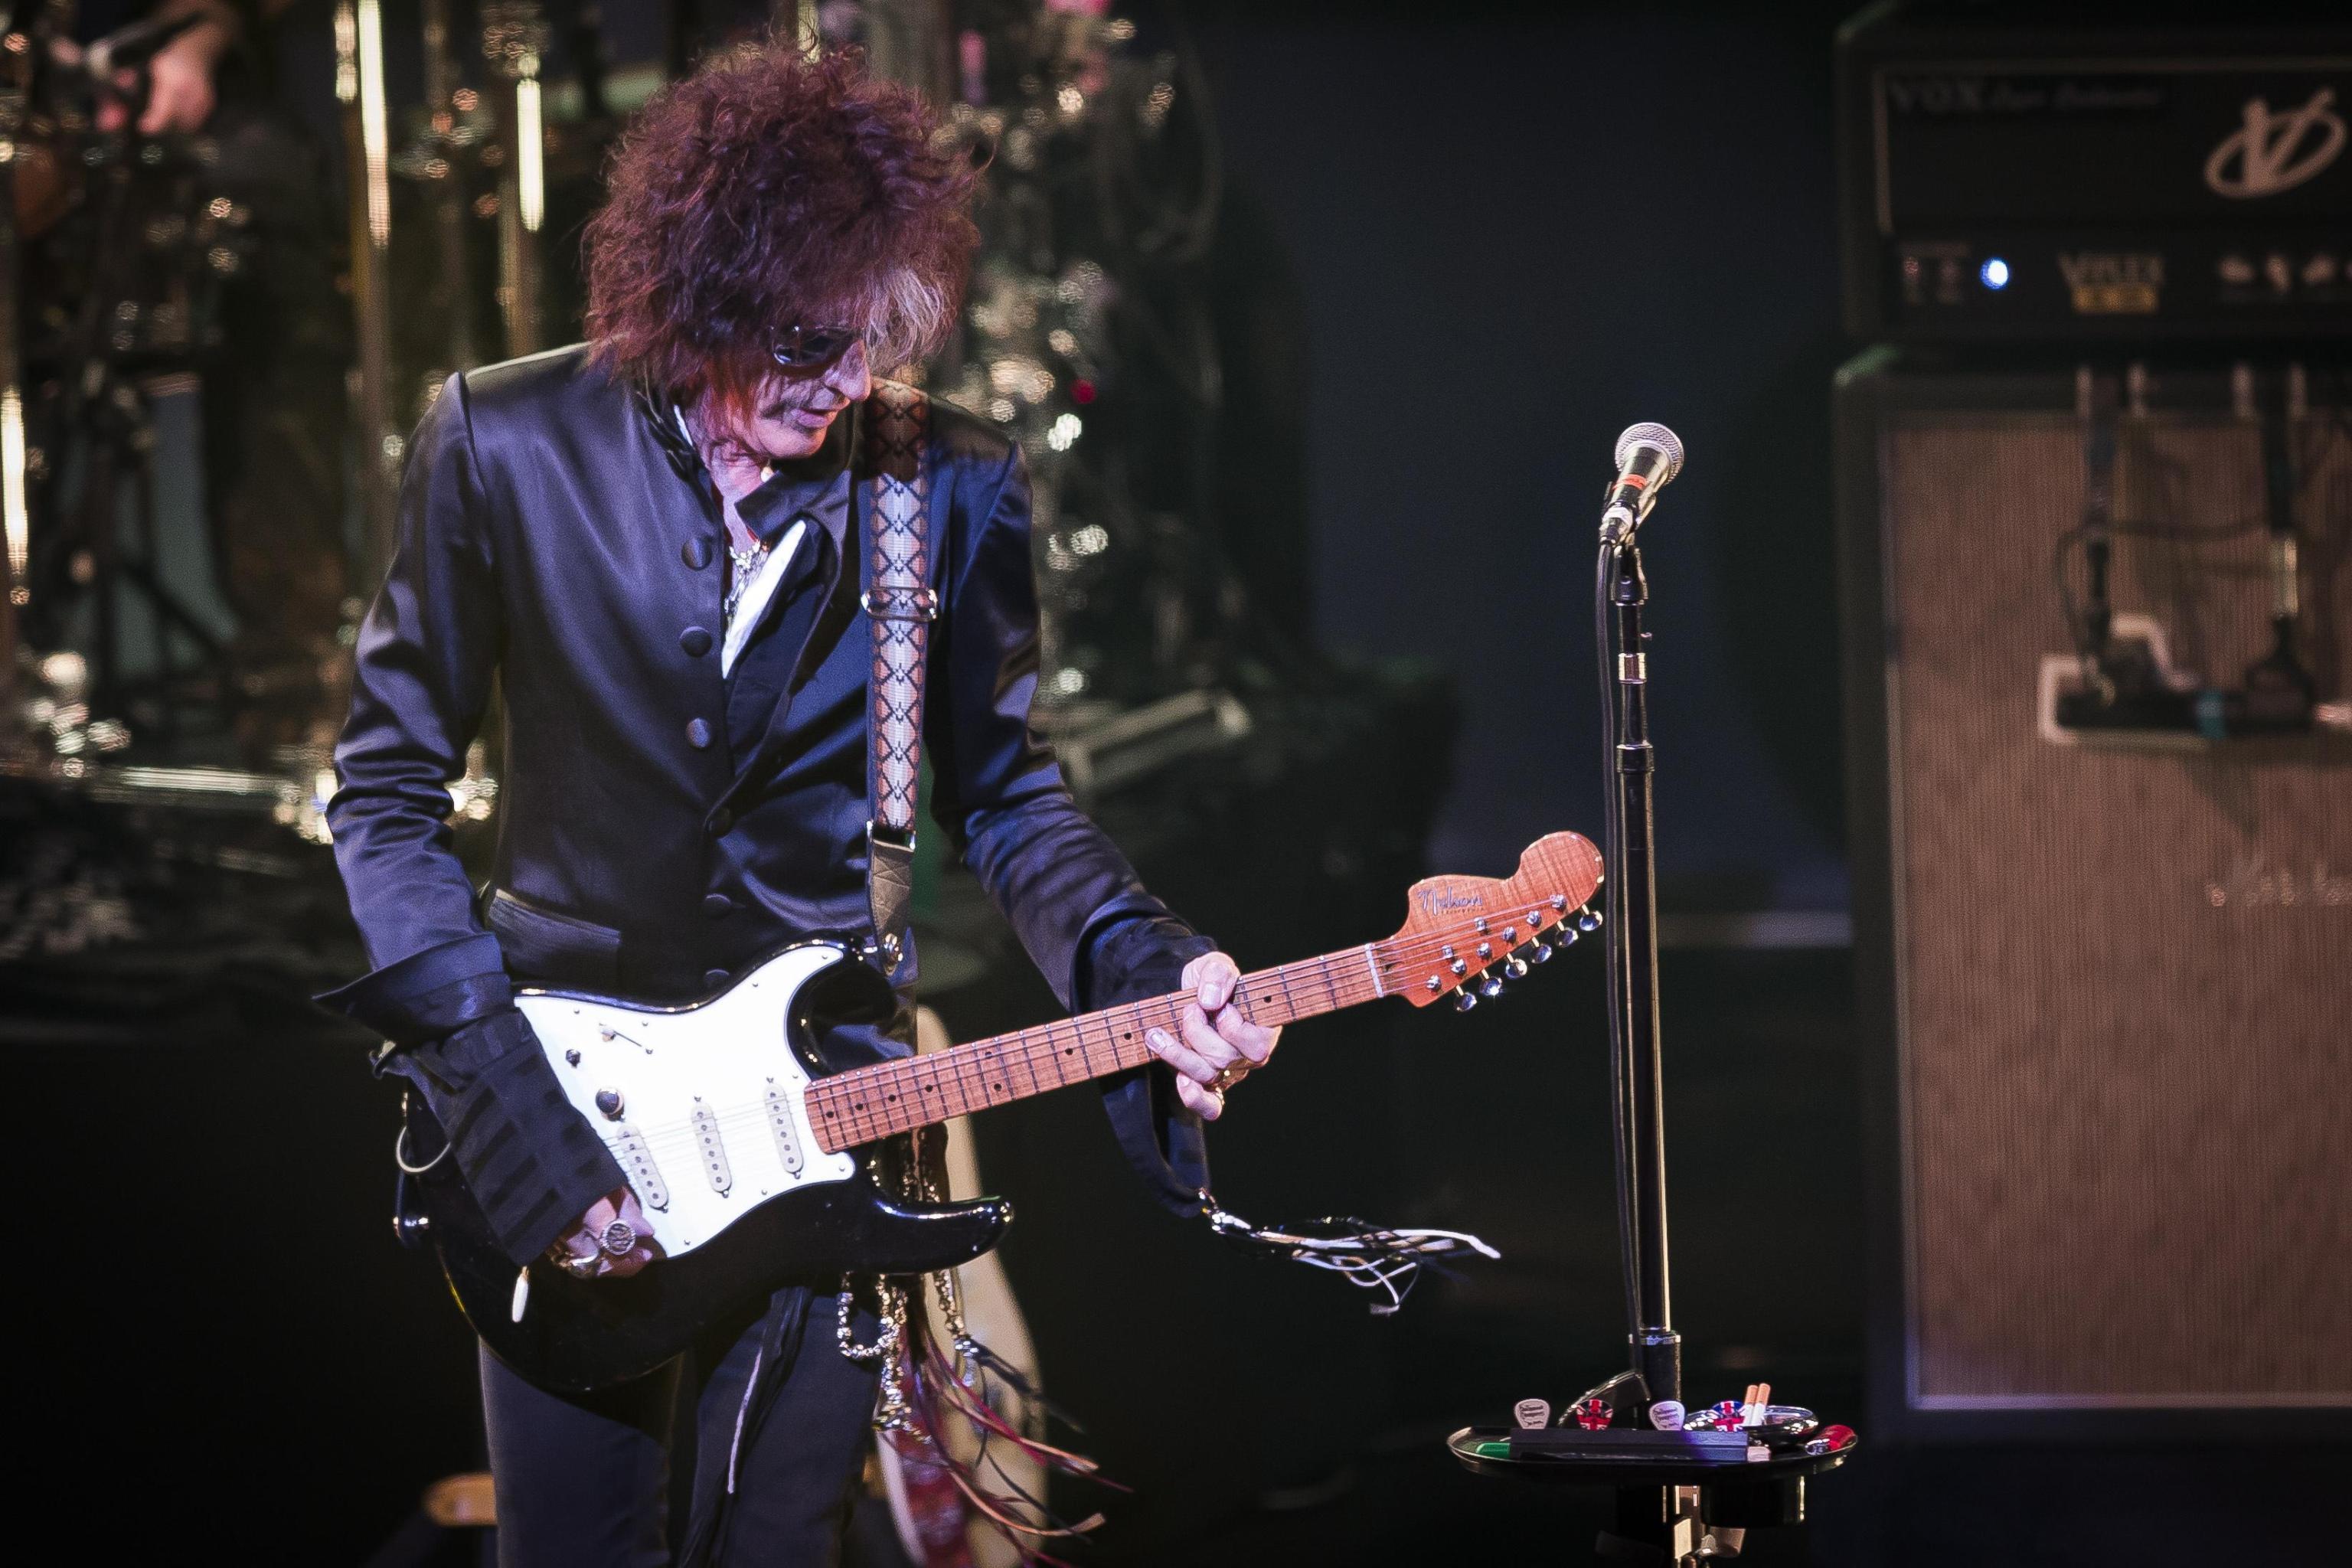 Aerosmith, malore per il chitarrista Joe Perry durante un concerto: ricoverato d'urgenza